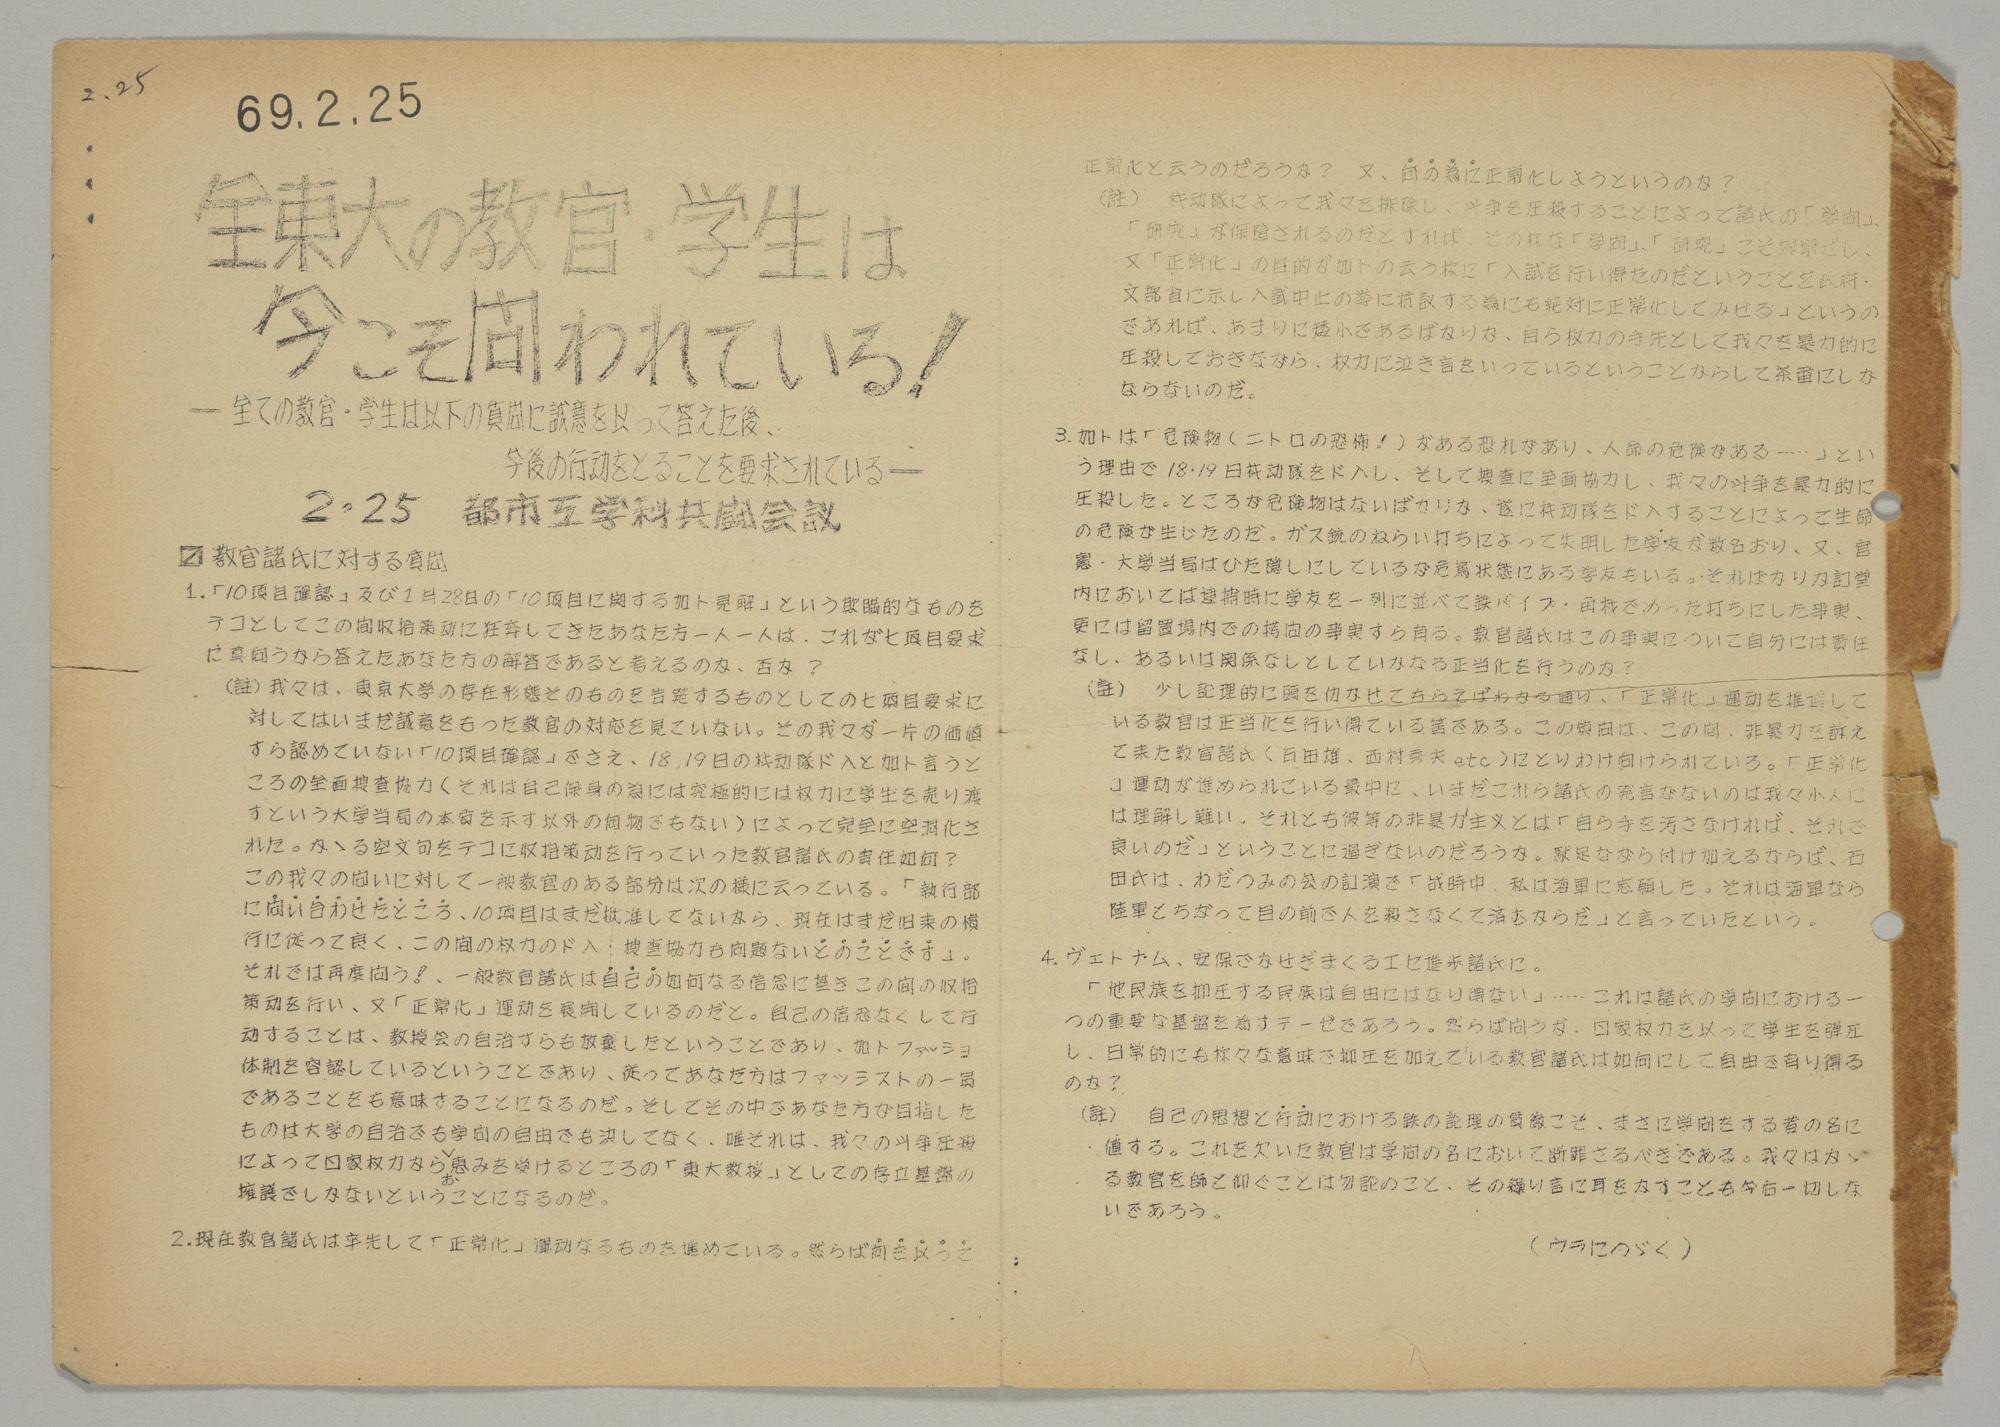 安田講堂攻防戦後の東大闘争 全東大の教官・学生は今こそ問われている 1969.2 国立歴史民俗博物館蔵